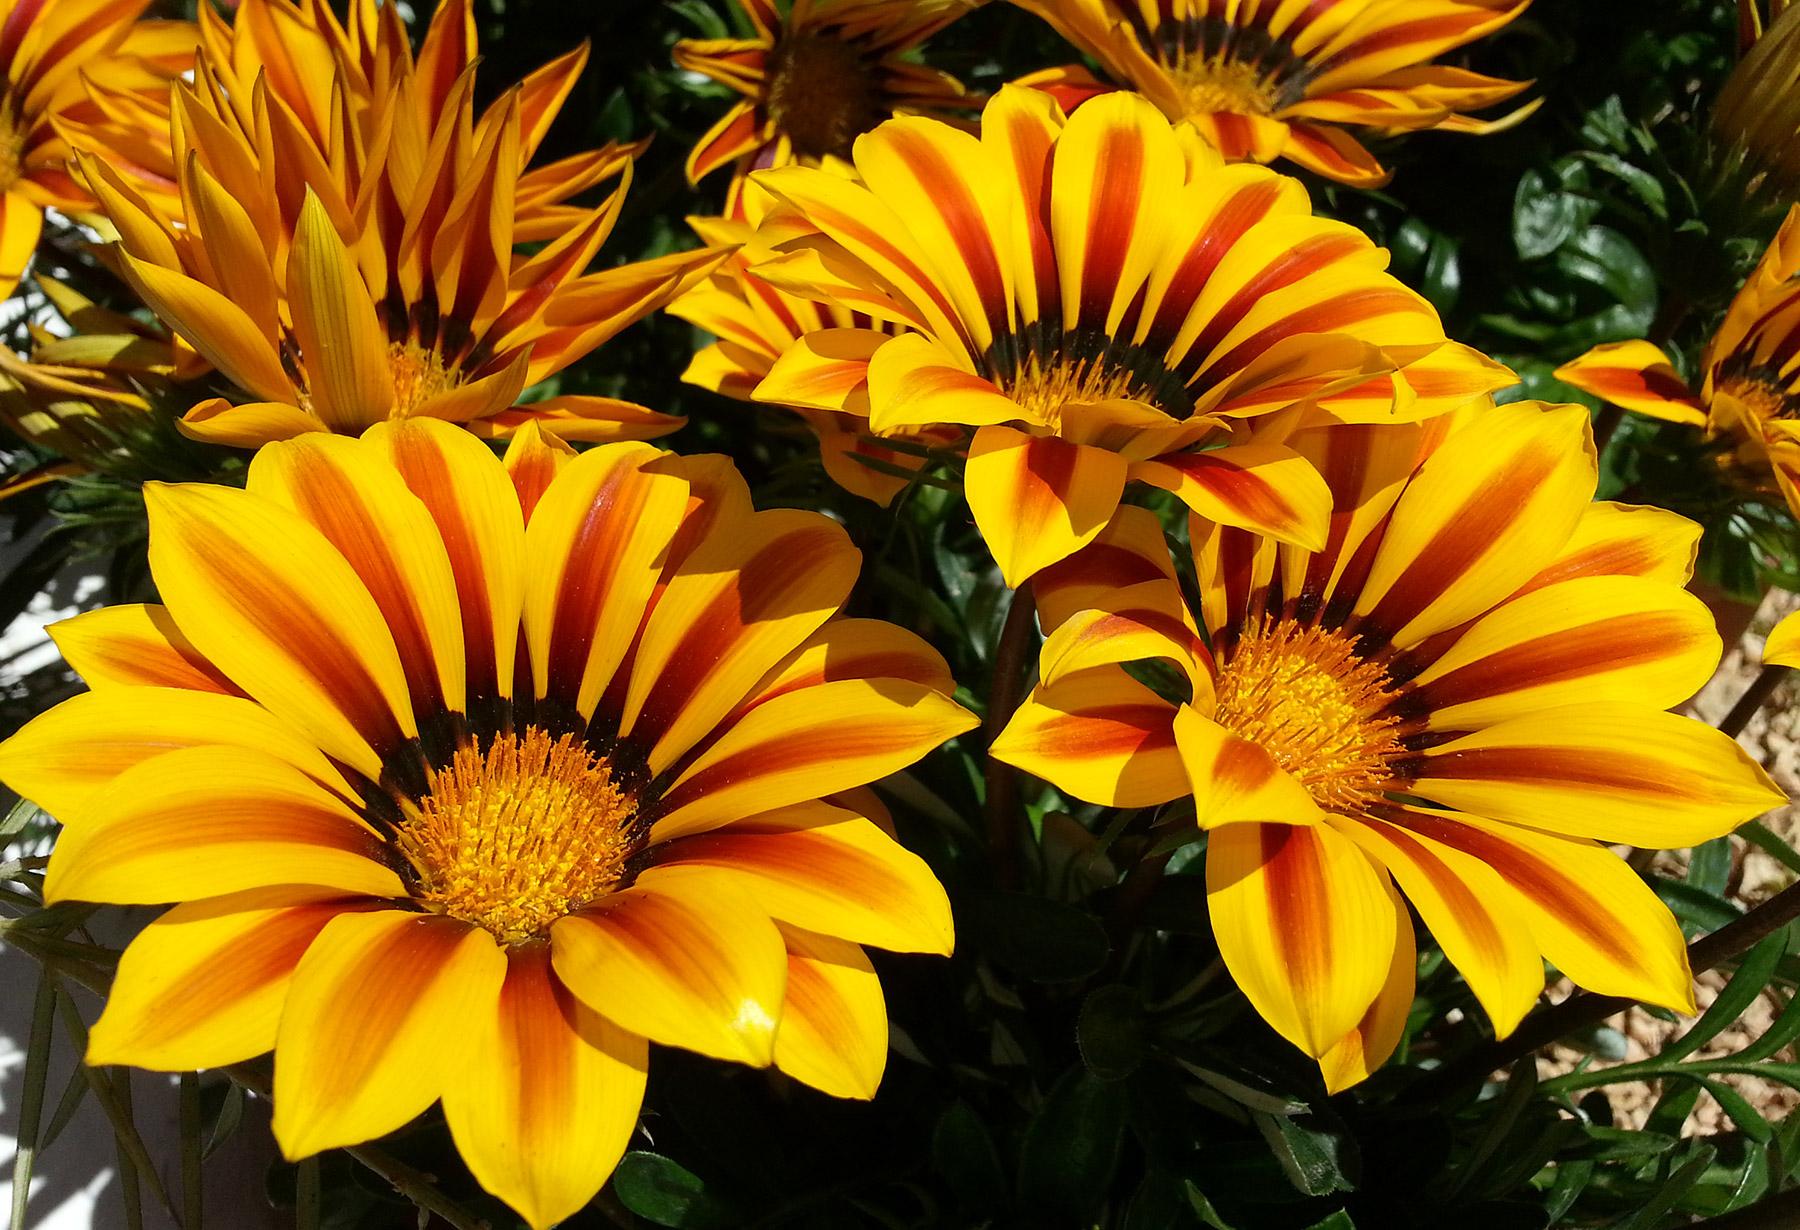 Flowers in the garden of Casita DeLuca